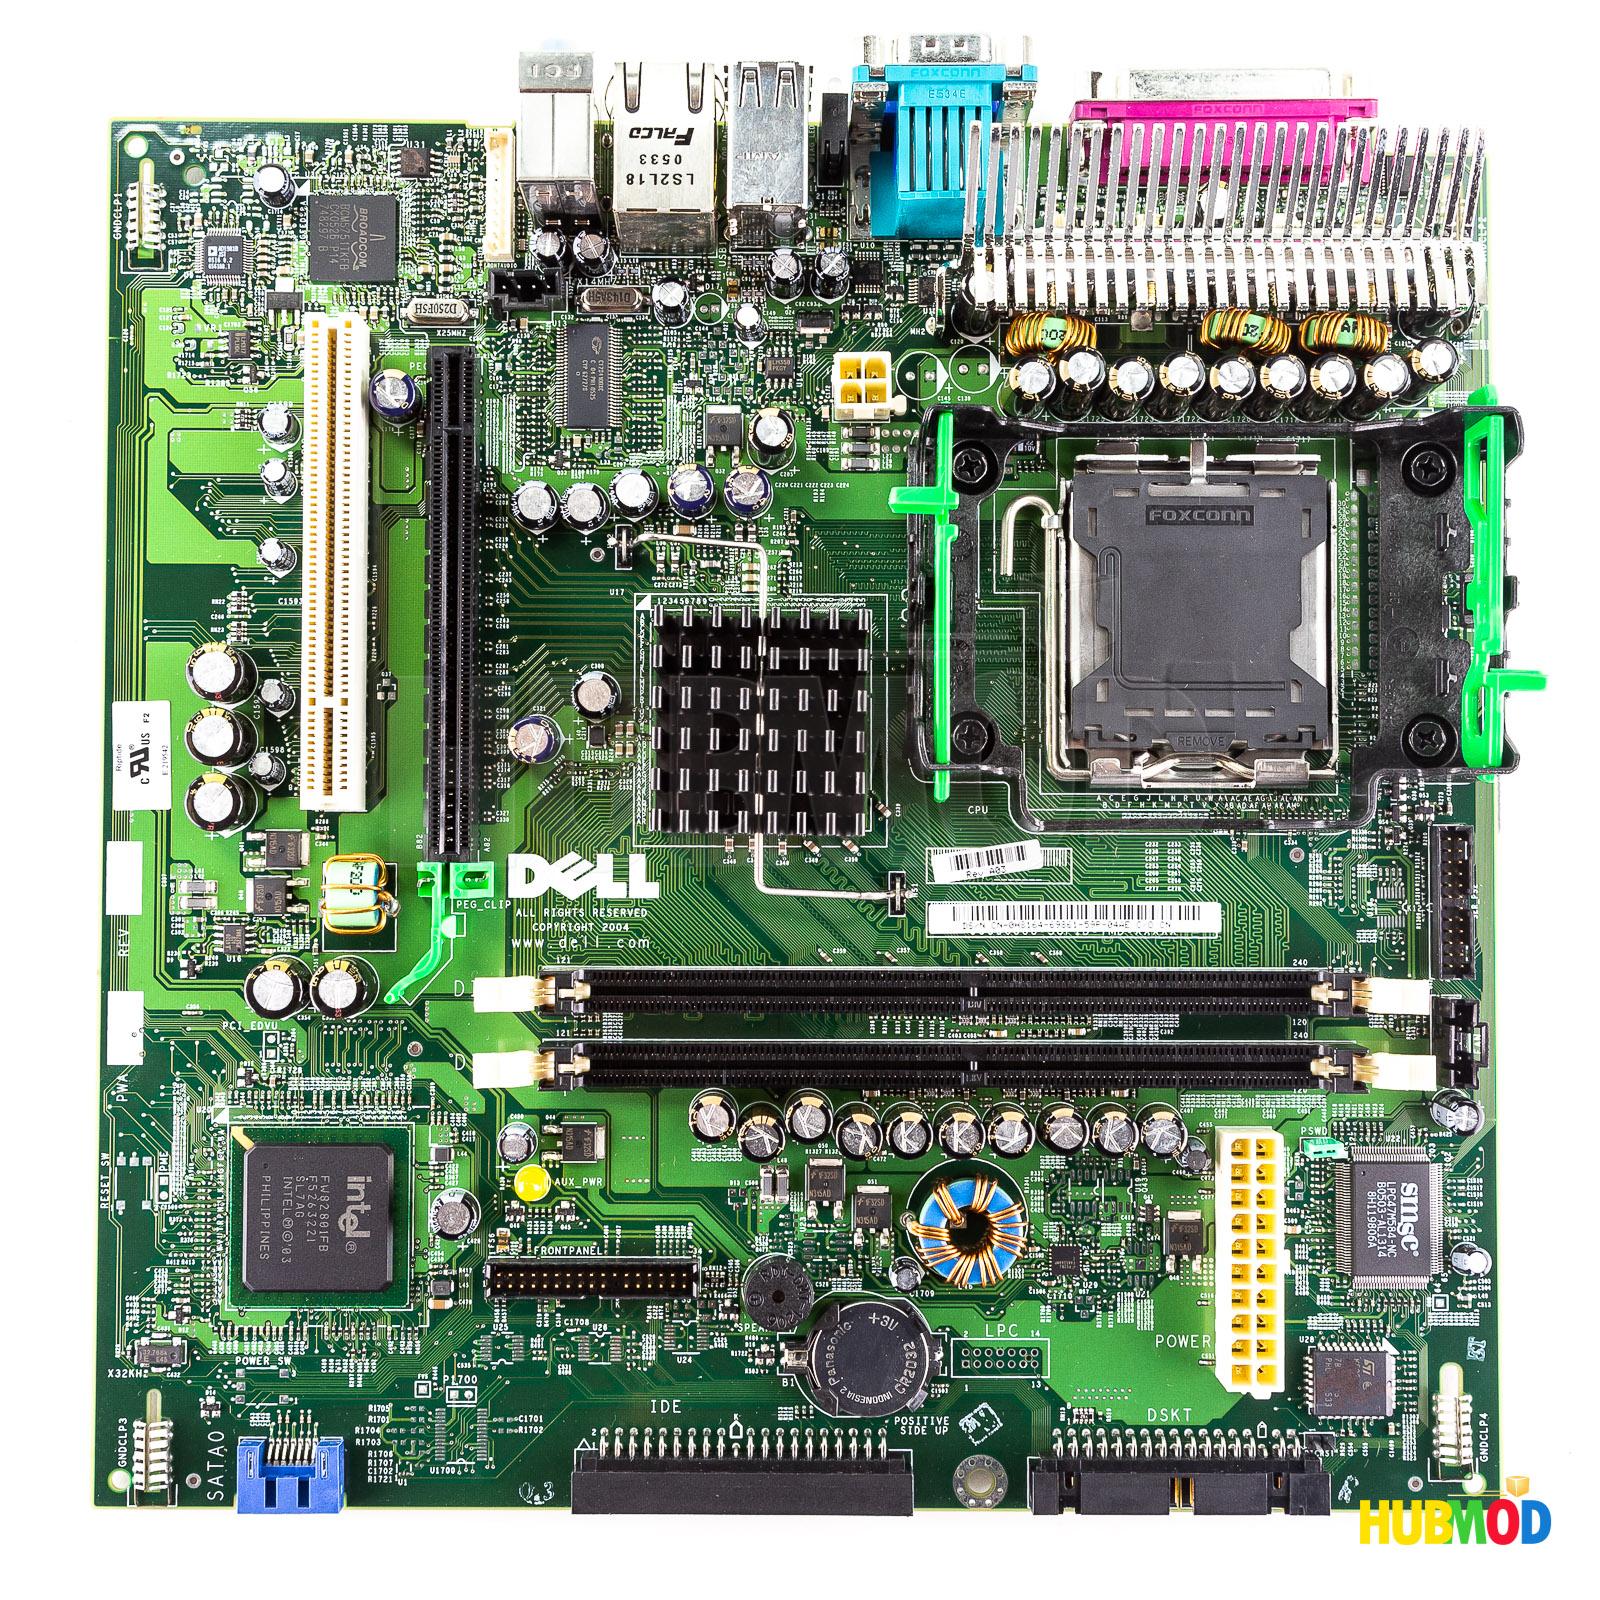 Dell Optiplex GX280 SFF Motherboard FG113 C6206 DG403 D4553 H8164 CG817  D7726